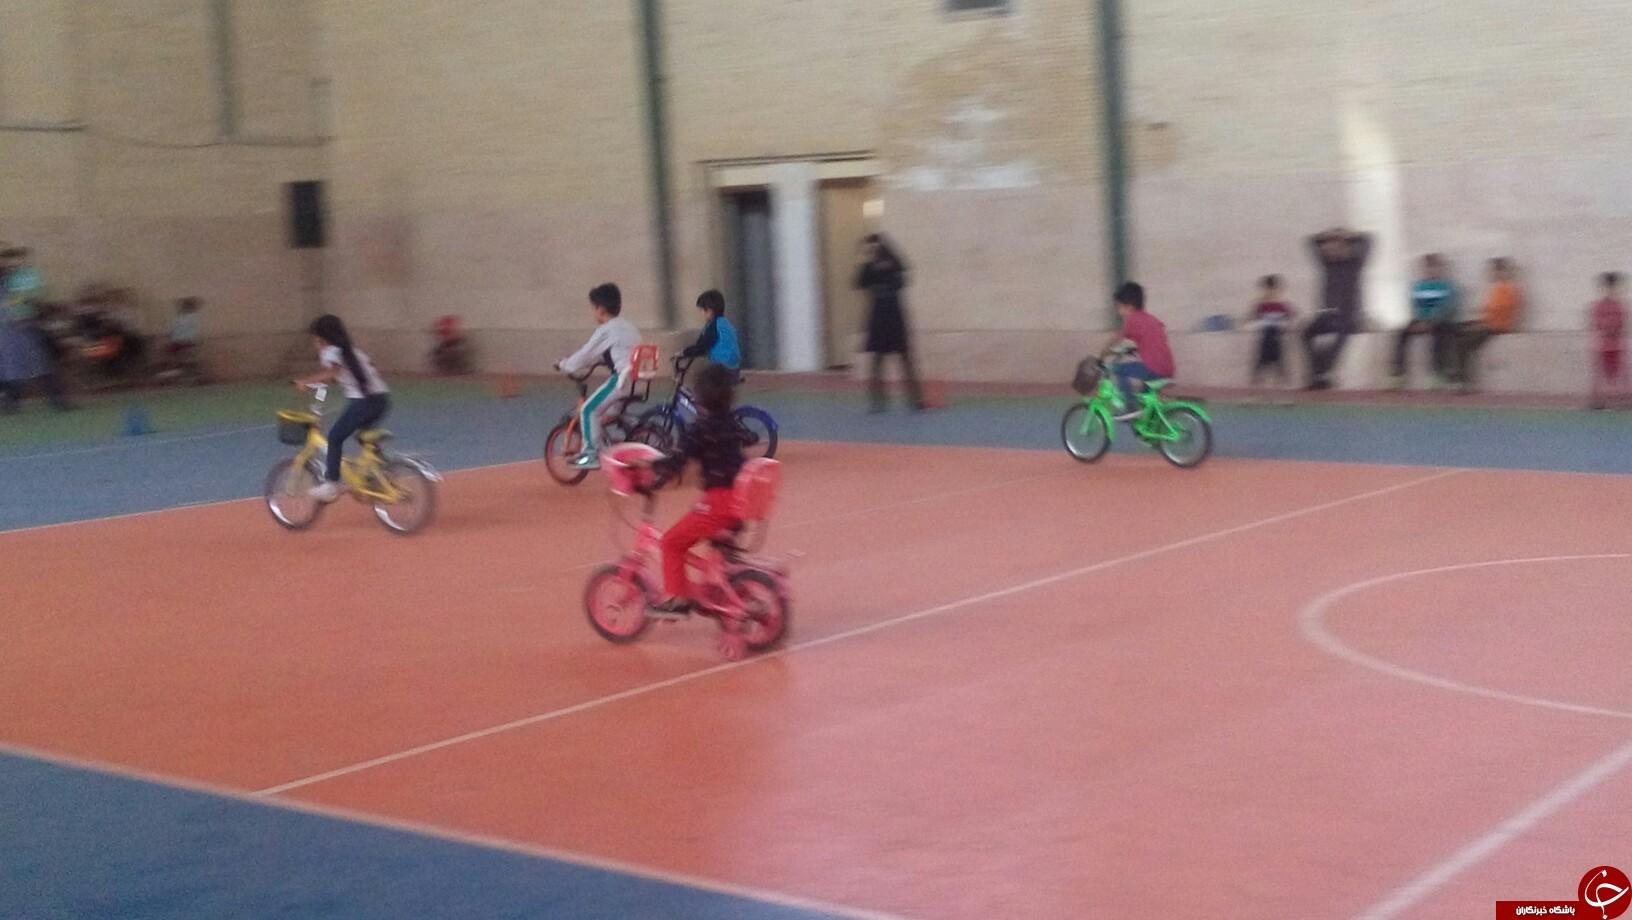 برگزاری مسابقات دوچرخه سواری کودکان در شهربابک + تصاویر